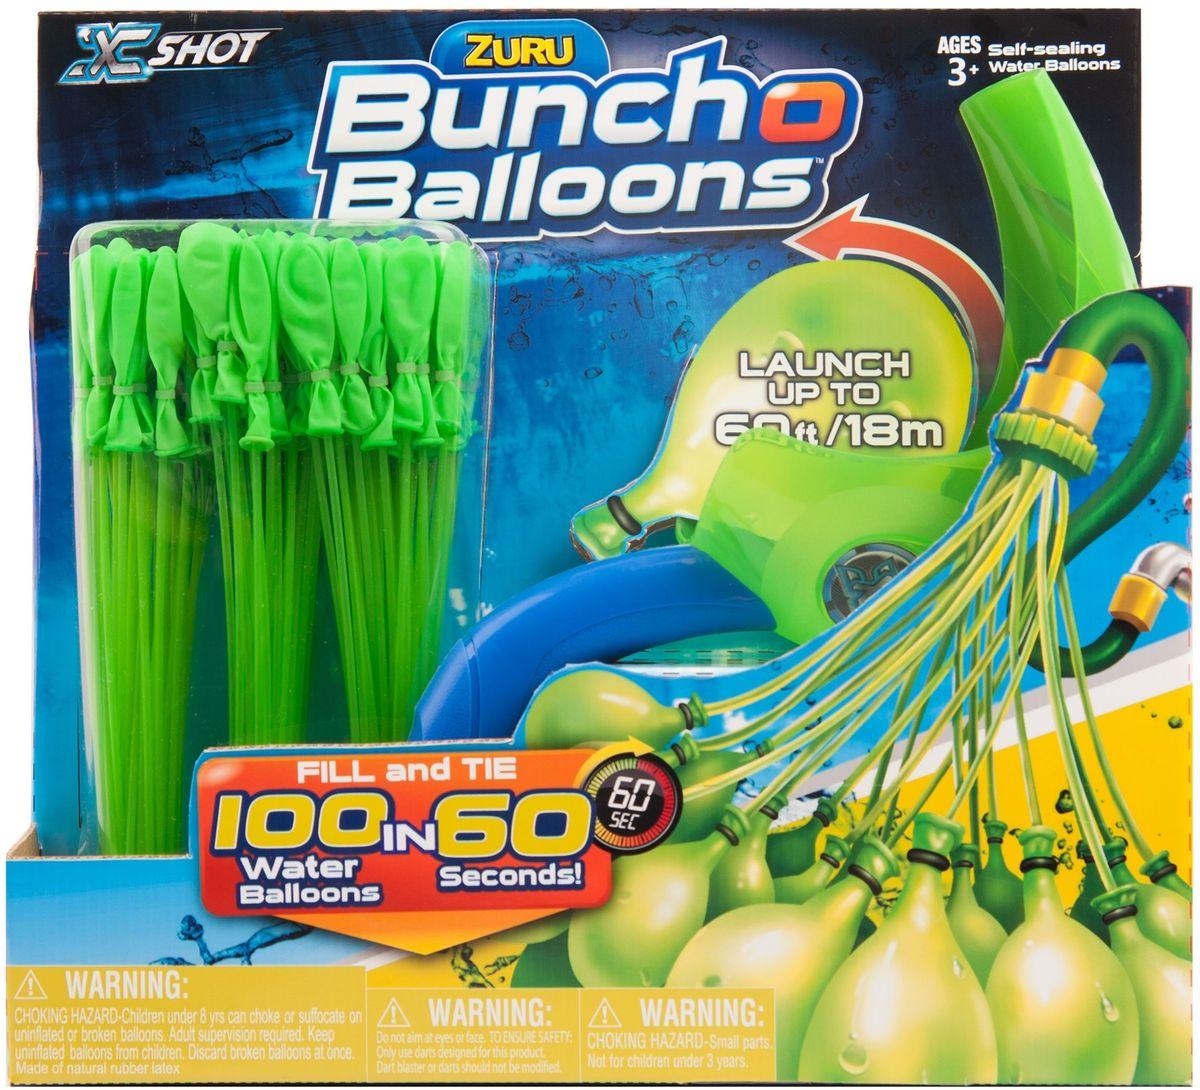 Zuru Водяное оружие Bunch O Balloons с пусковым устройством цвет зеленый игровой набор bunch o balloons zuru стартовый набор миньоны из 100 шаров z5653